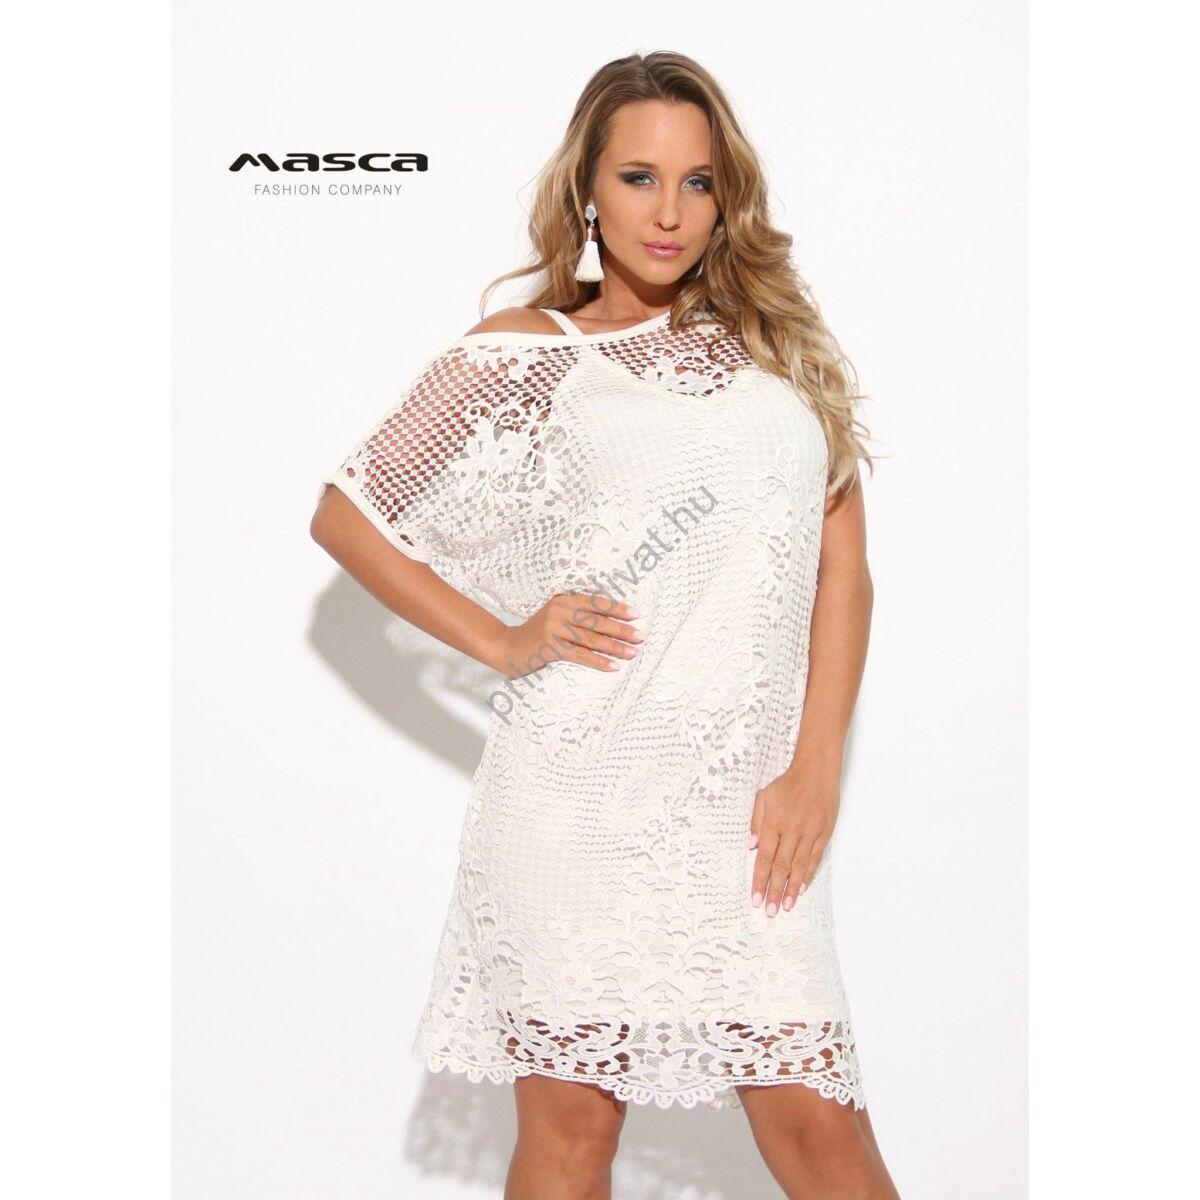 88eec48d64 Kép 1/1 - Masca Fashion kétrészes rövid ujjú törtfehér csipkés ruha,  spagettipántos szűkebb viszkóz alsó résszel